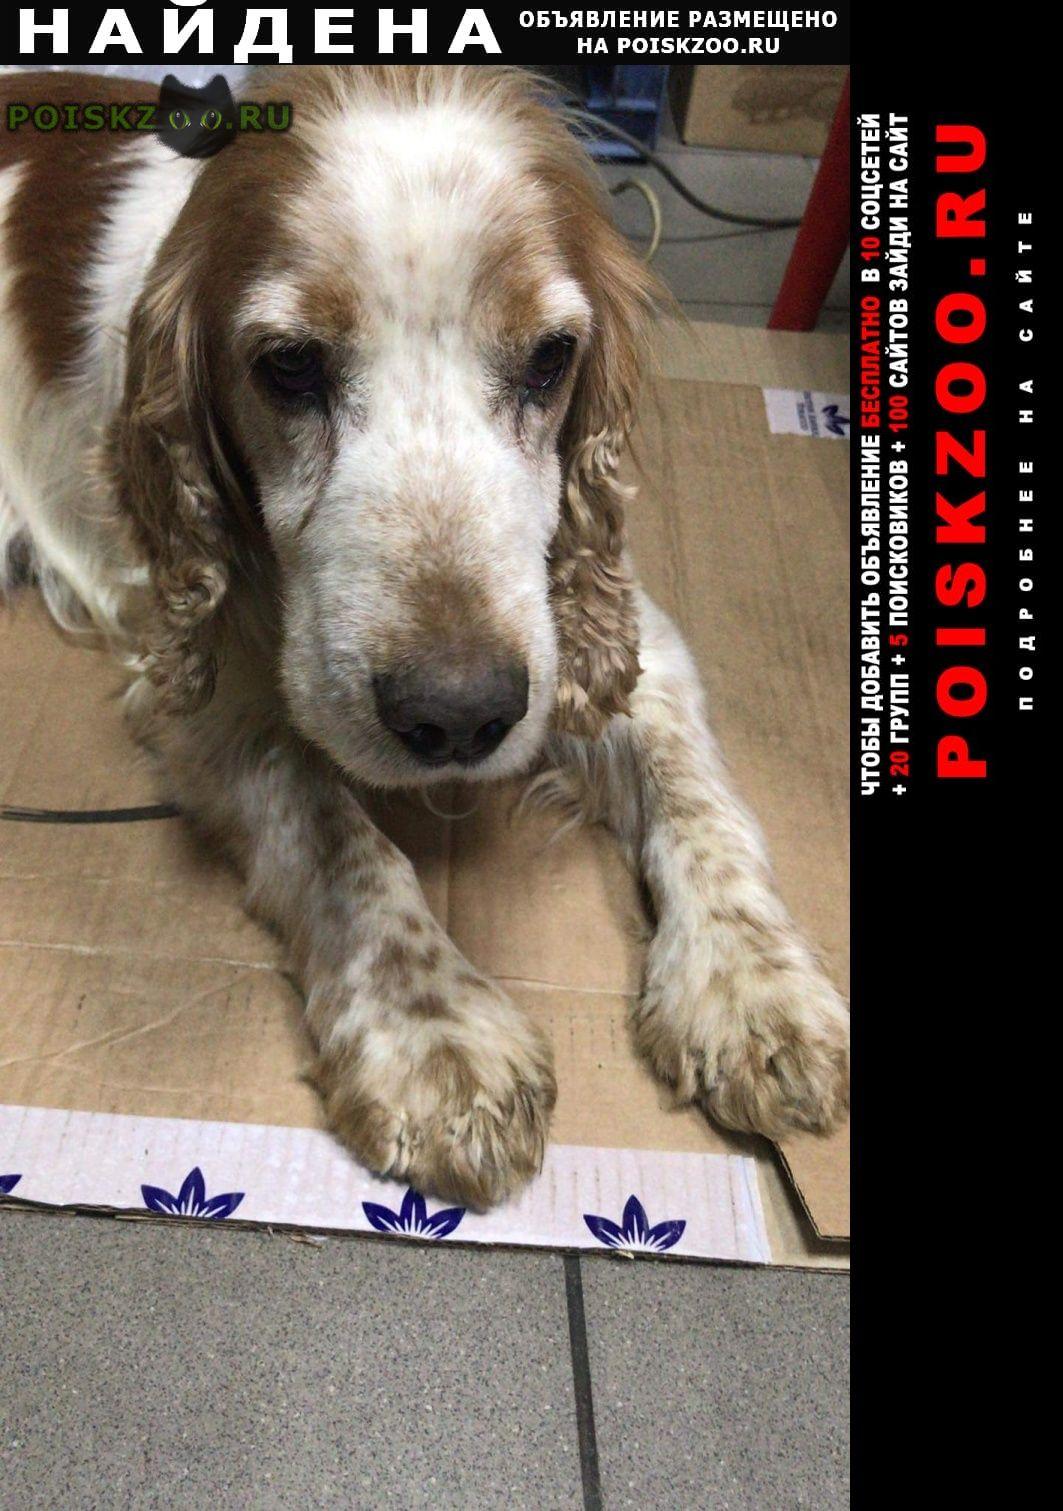 Найдена собака кобель кокер спаниель реутов г.Москва